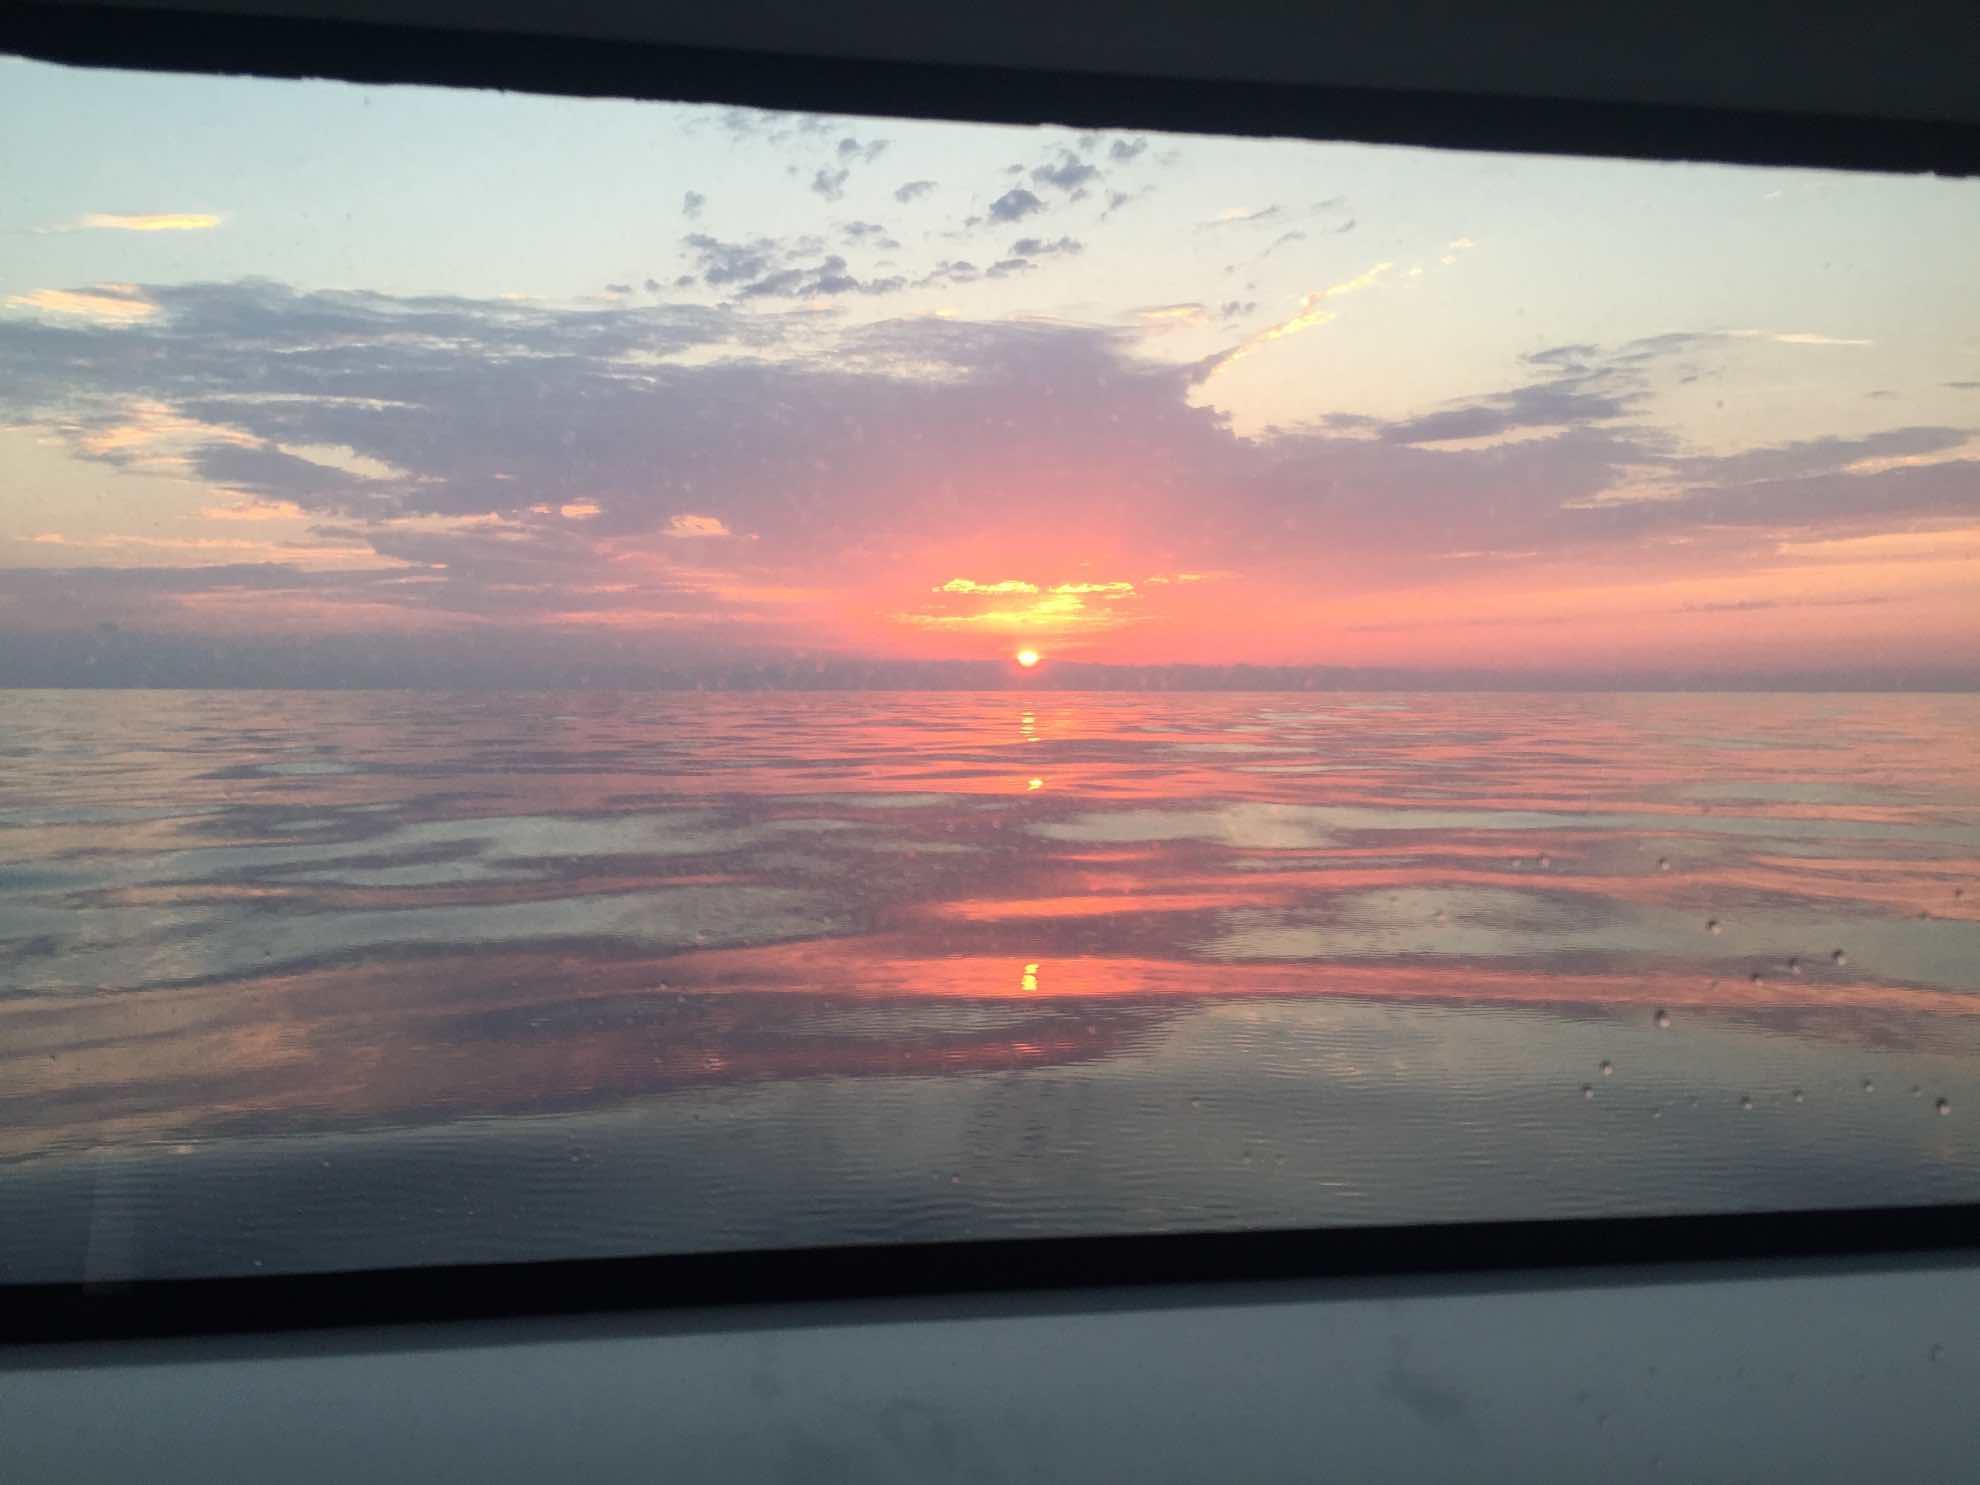 20160712-001-blick-aus-unserem-kabinenfenster.jpg